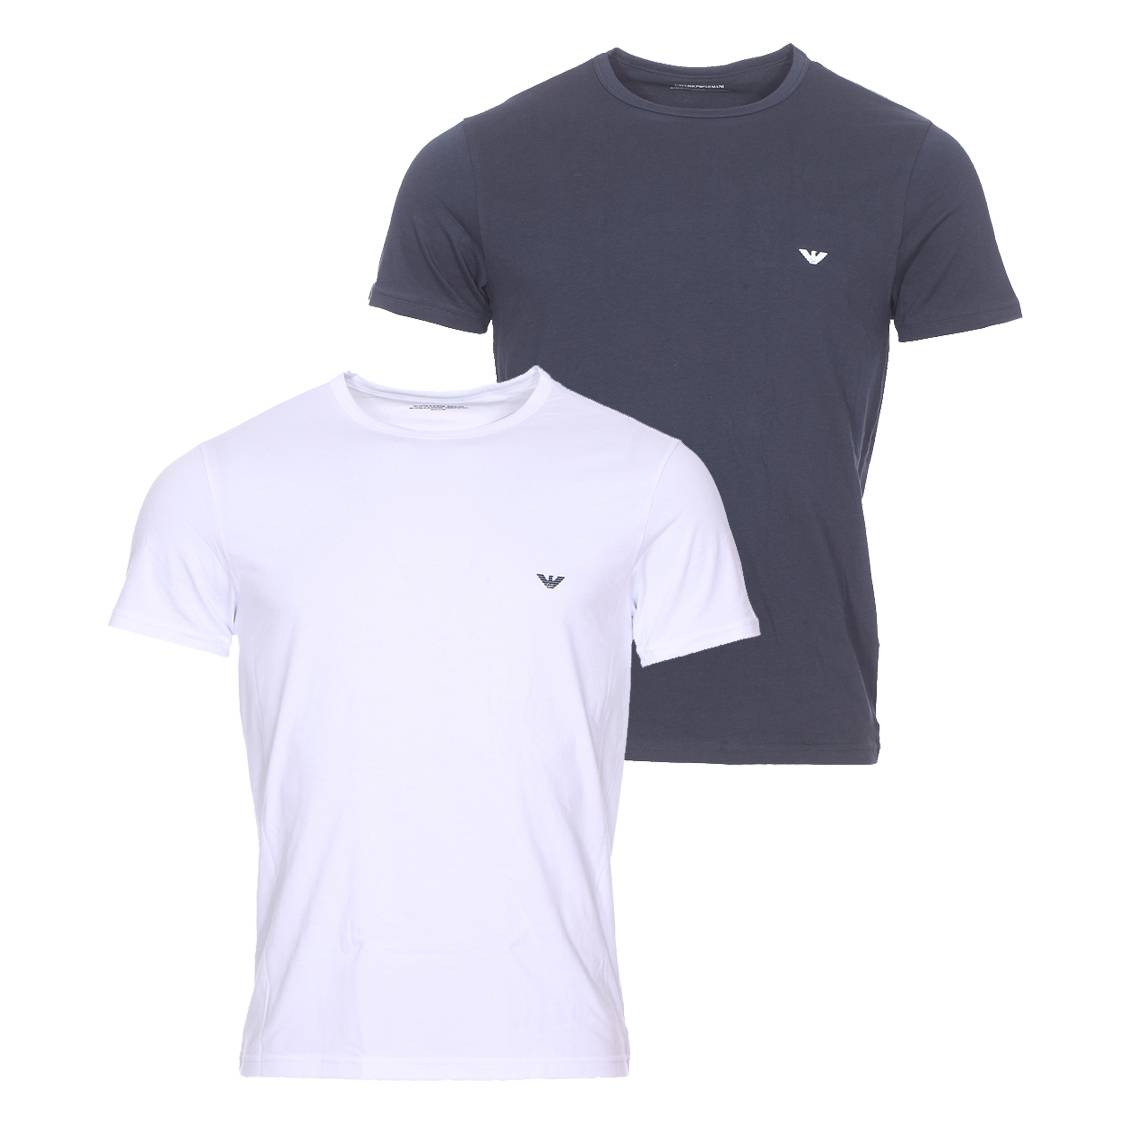 888ef82258c Lot de 2 tee-shirts col rond Emporio Armani en coton stretch   1 modèle ...